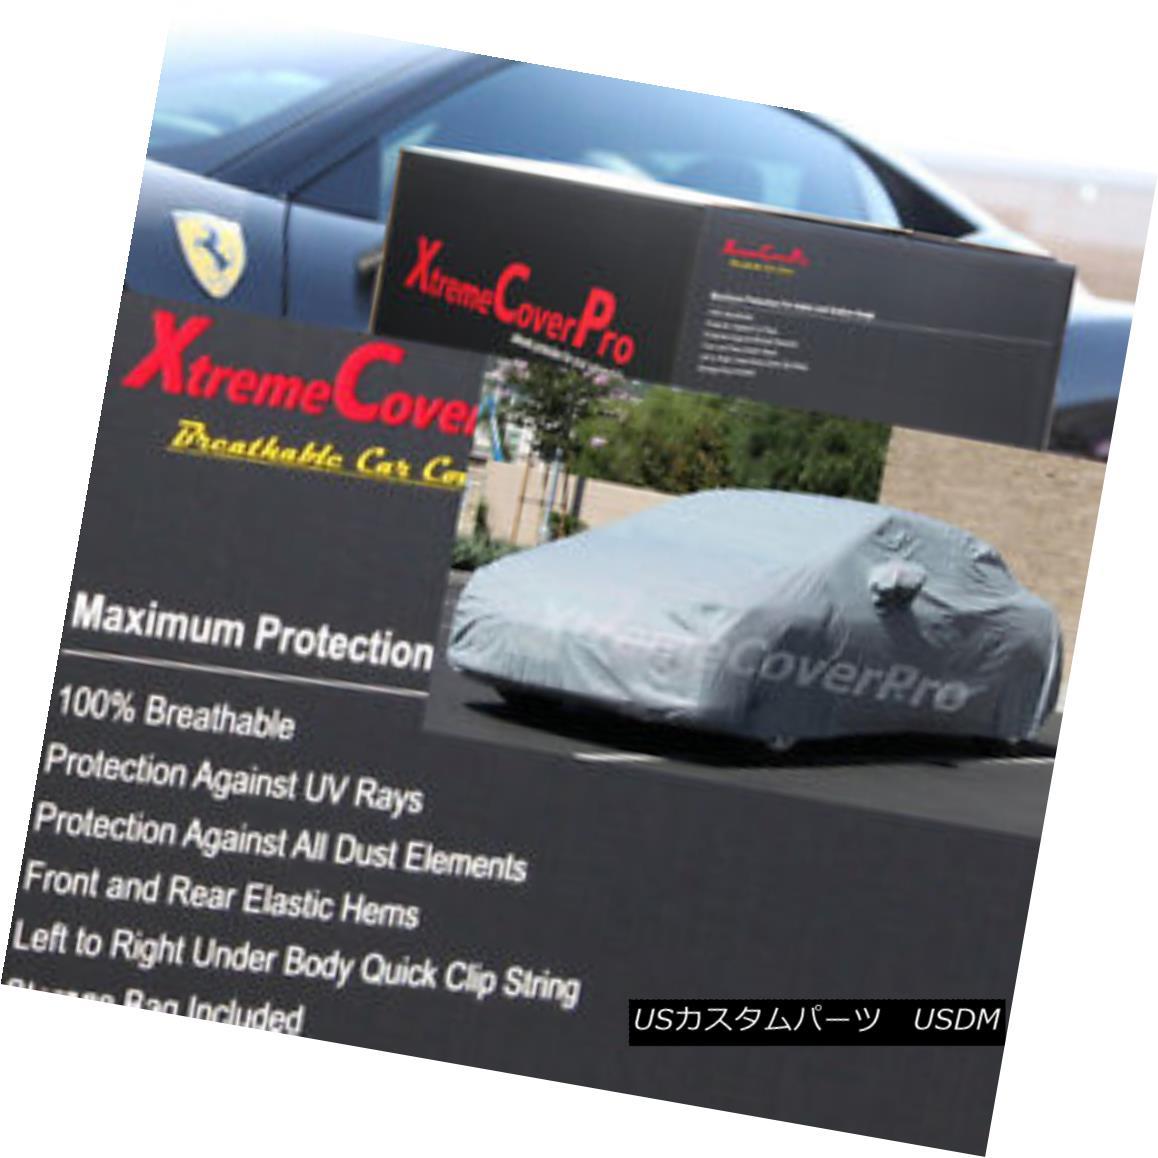 カーカバー 2005 2006 2007 2008 Audi A4 Convertible Breathable Car Cover w/MirrorPocket 2005年2006年2007年2008 Audi A4コンバーチブル通気性車カバー付き(MirrorPocket)